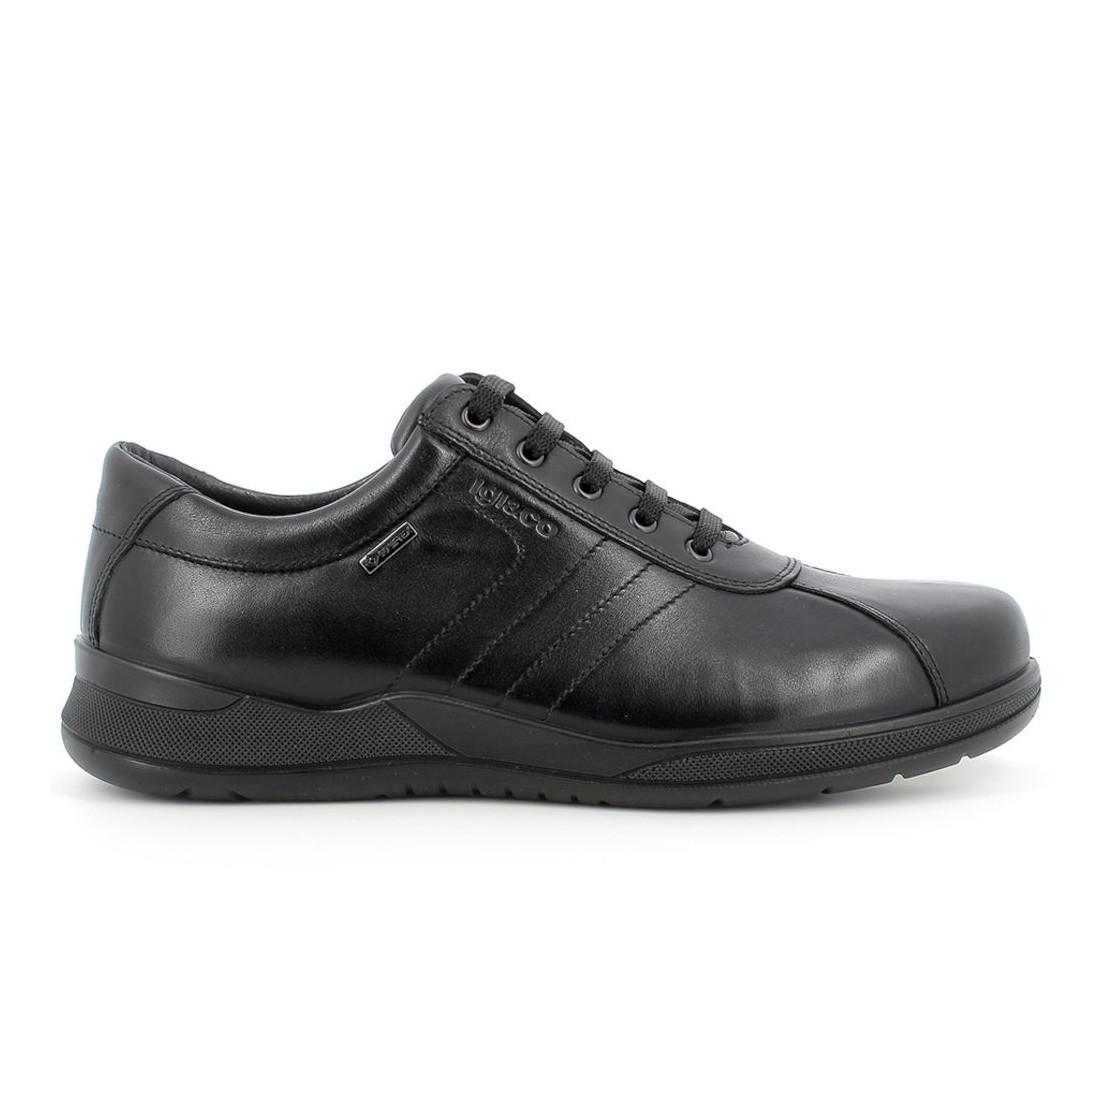 sneakers herren igico berny6119200 7948